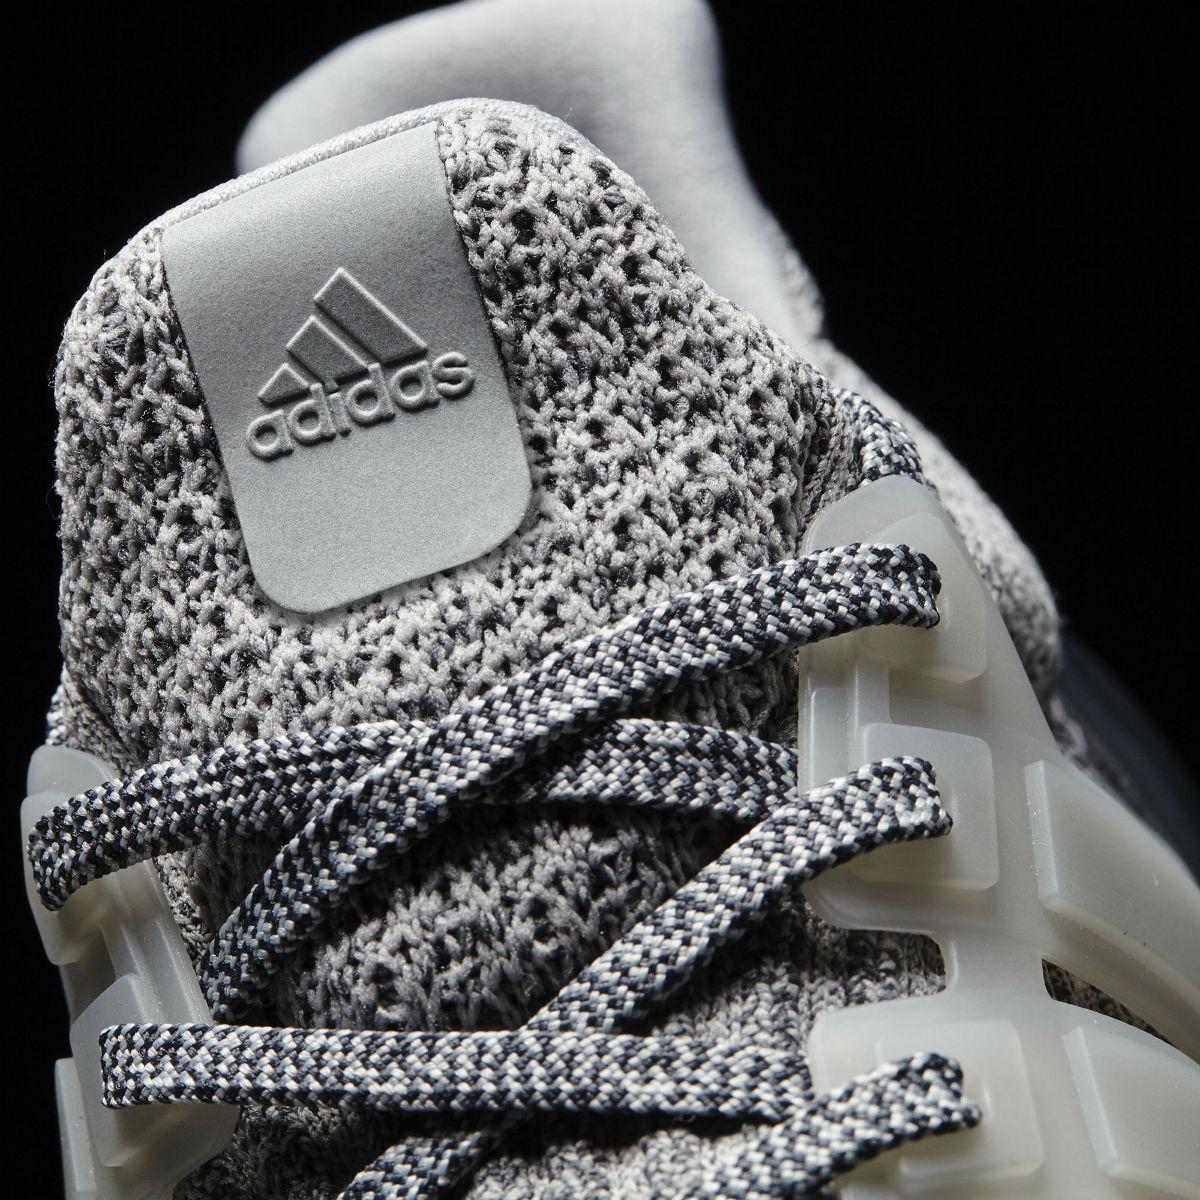 Adidas Ultra Boost 3.0 Silver Tongue BA8143